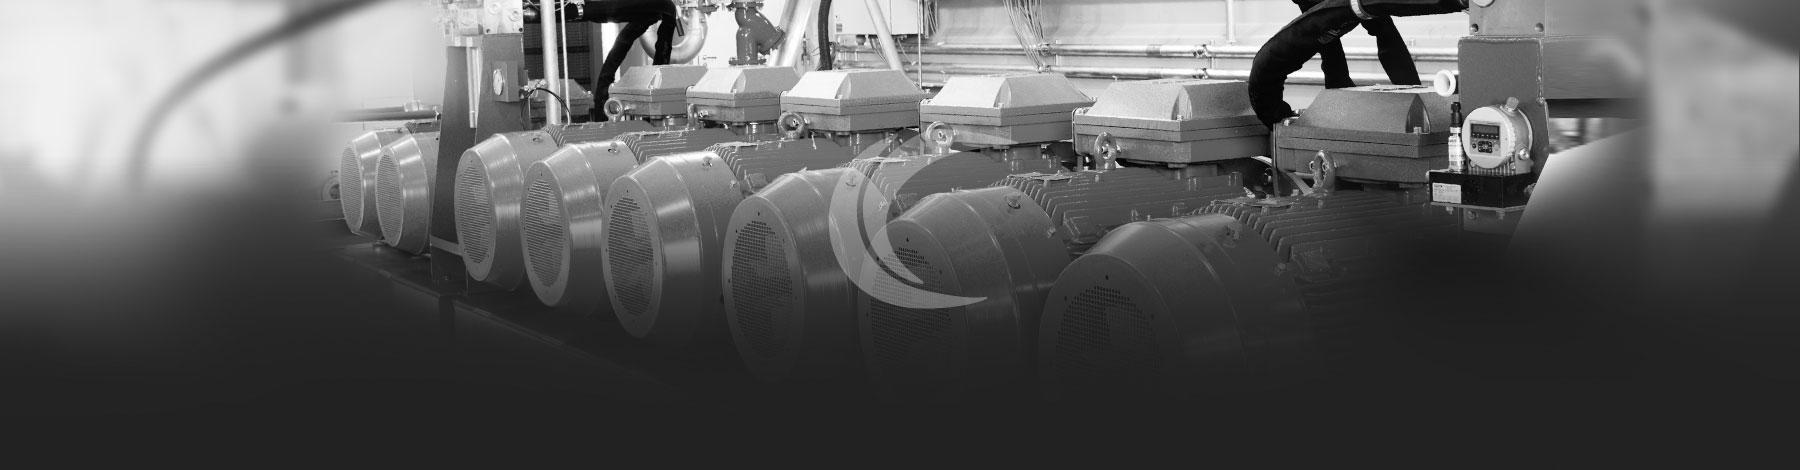 hydraulic_systems